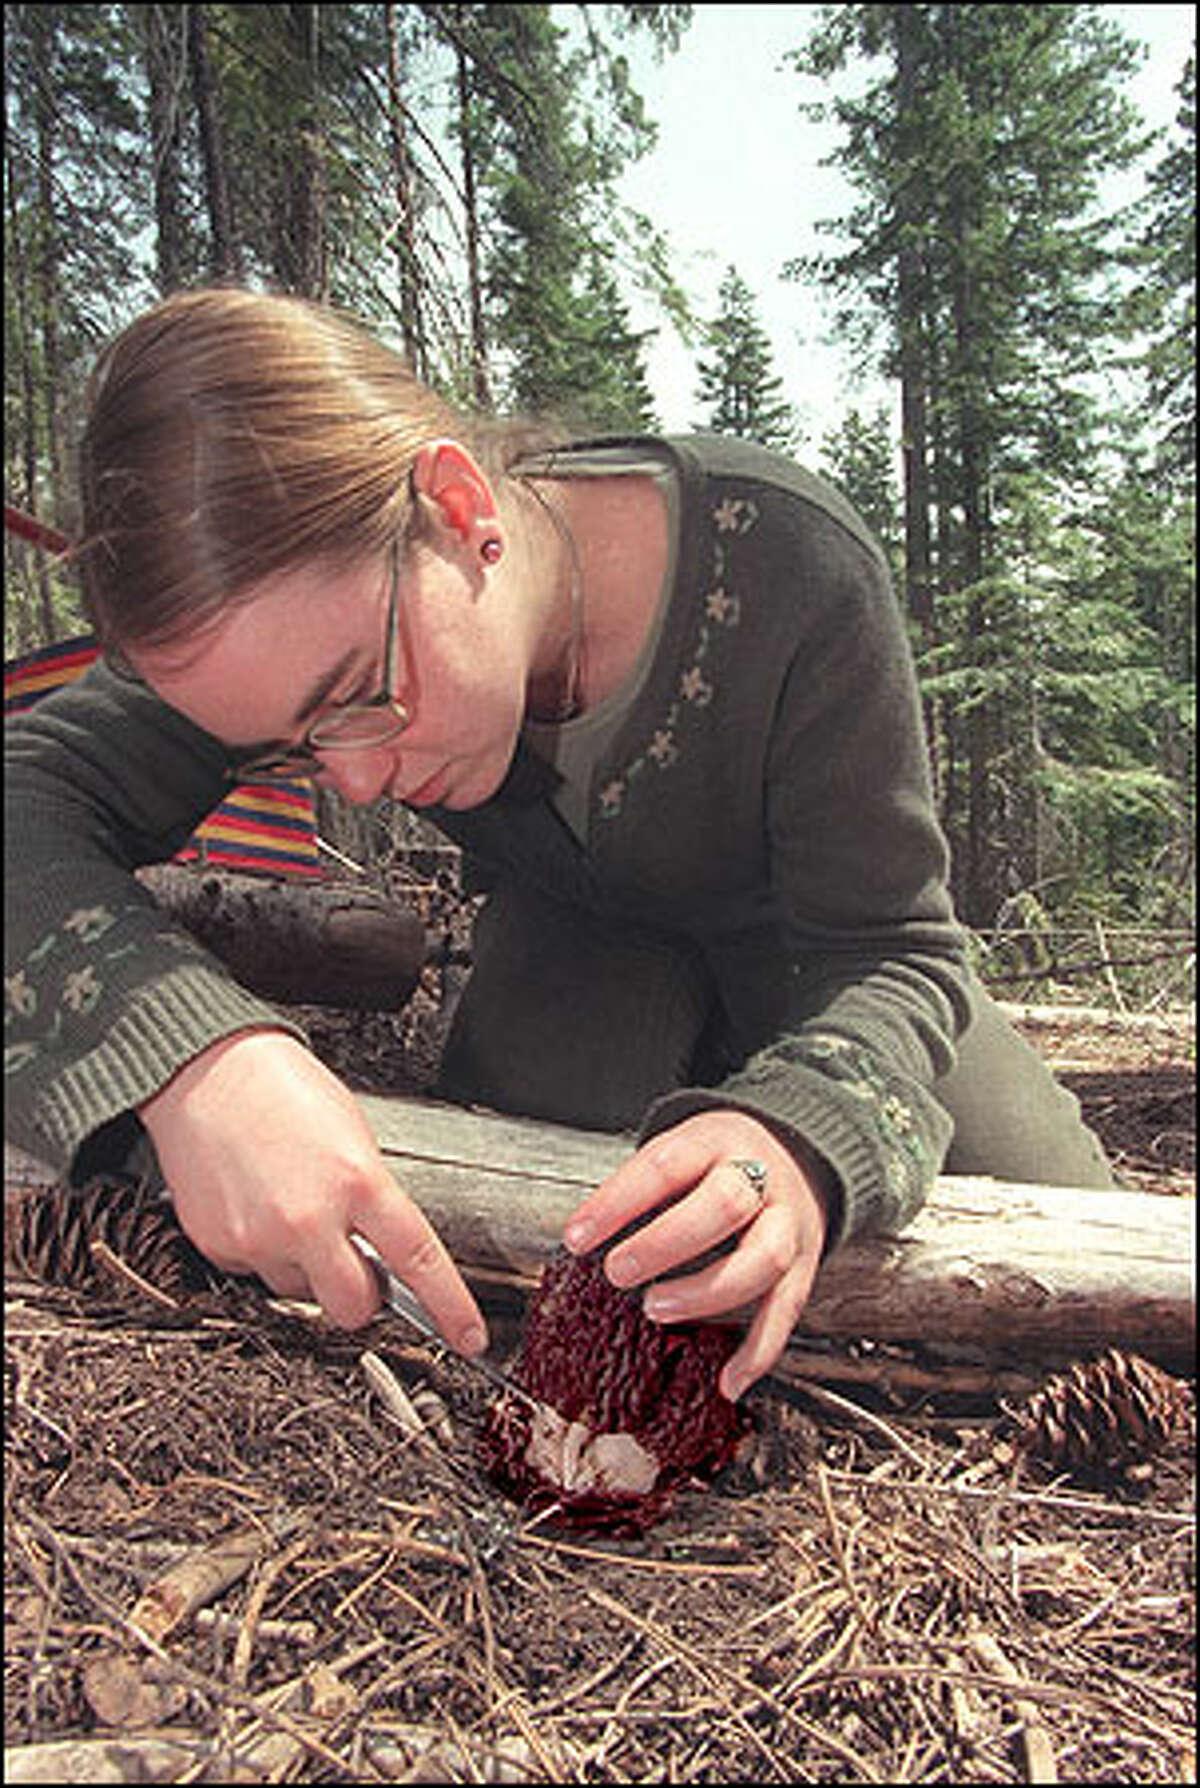 Alissa Allen hunts for morels in the Okanogan-Wenatchee National Forest.